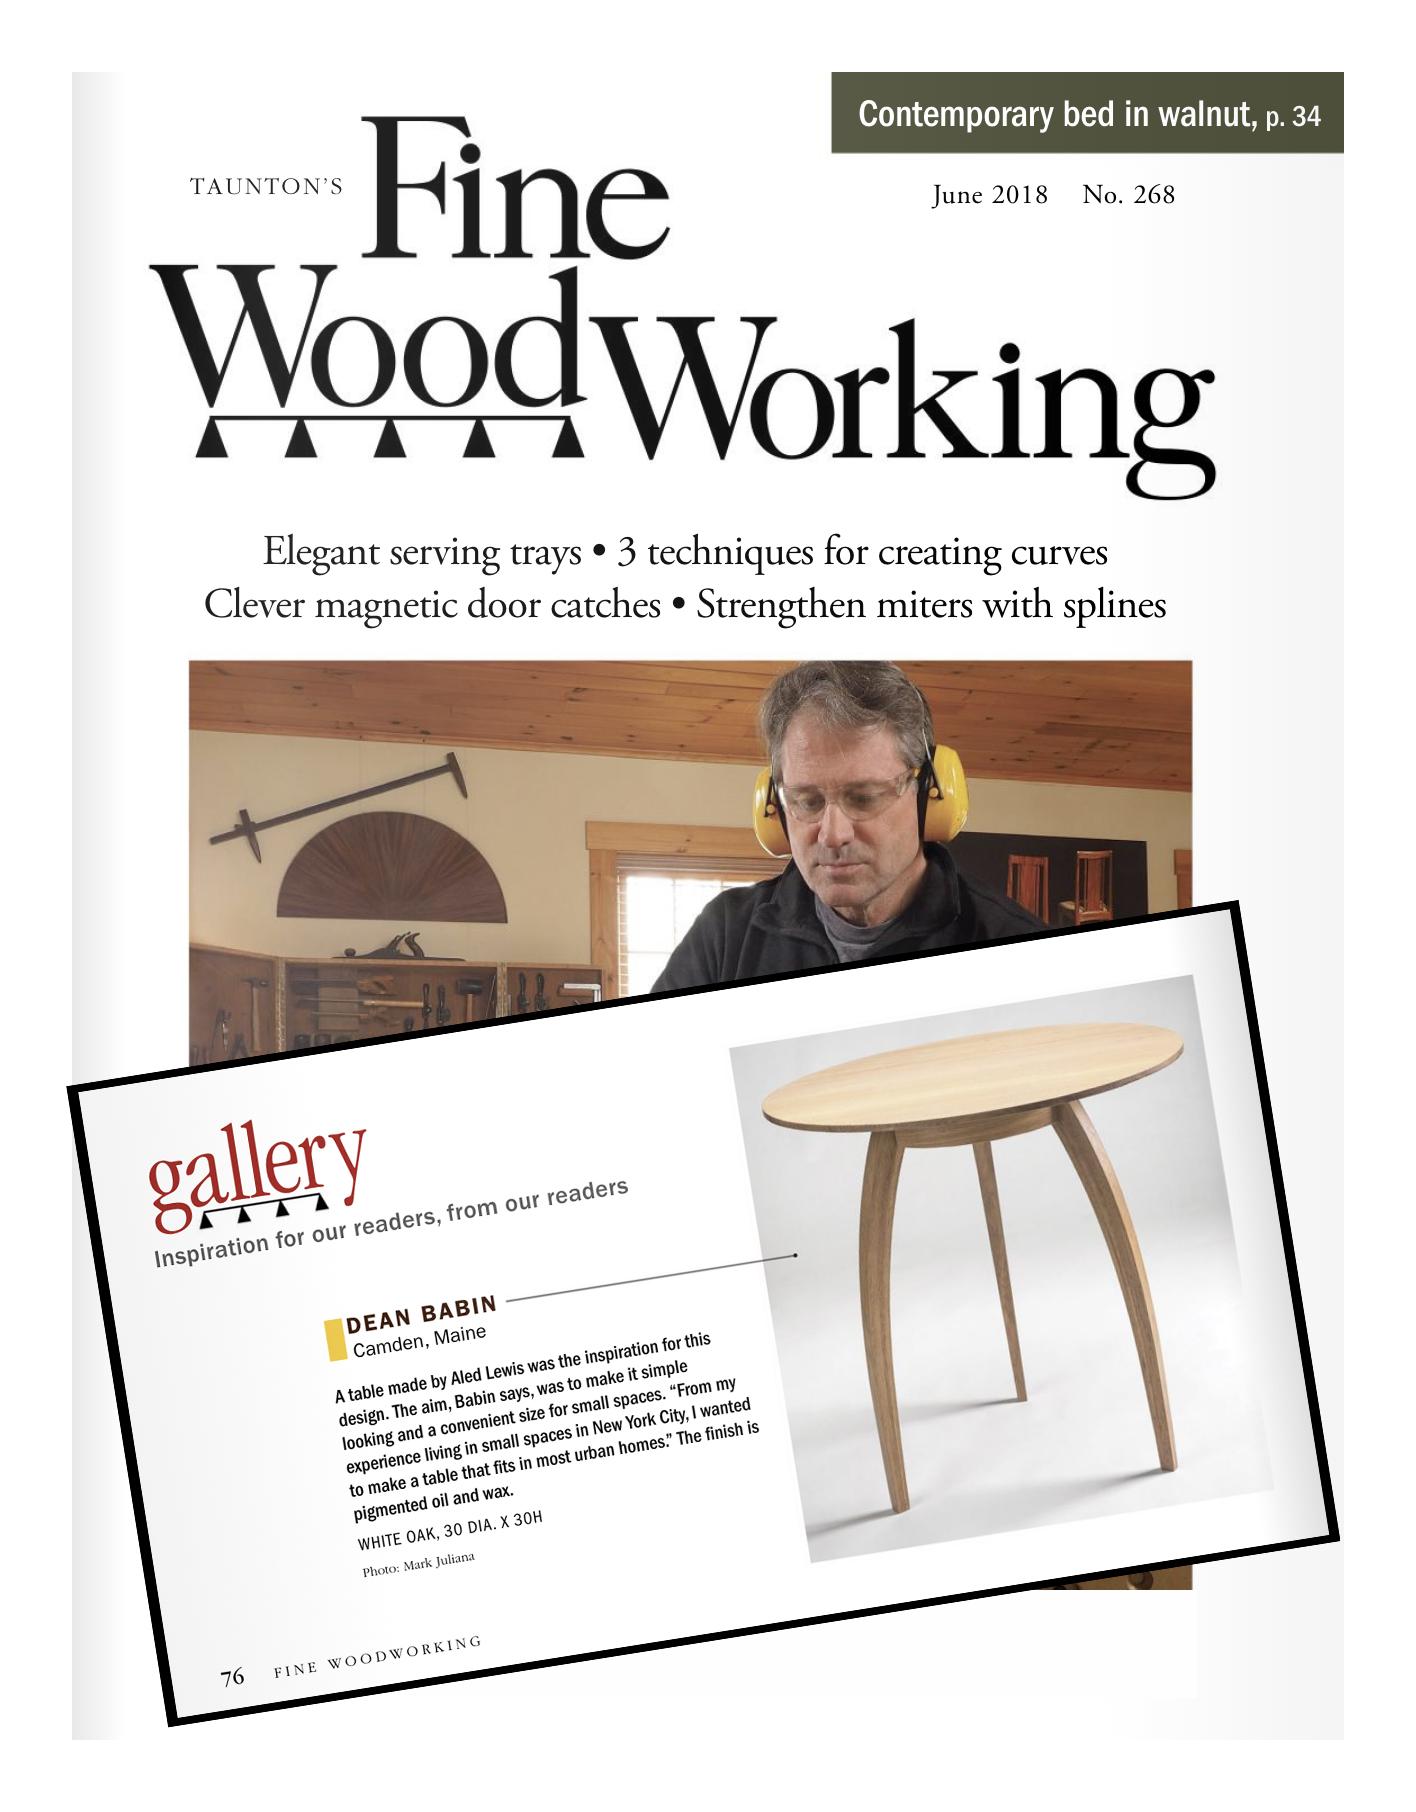 fine-woodworking-table-dean-babin.jpg